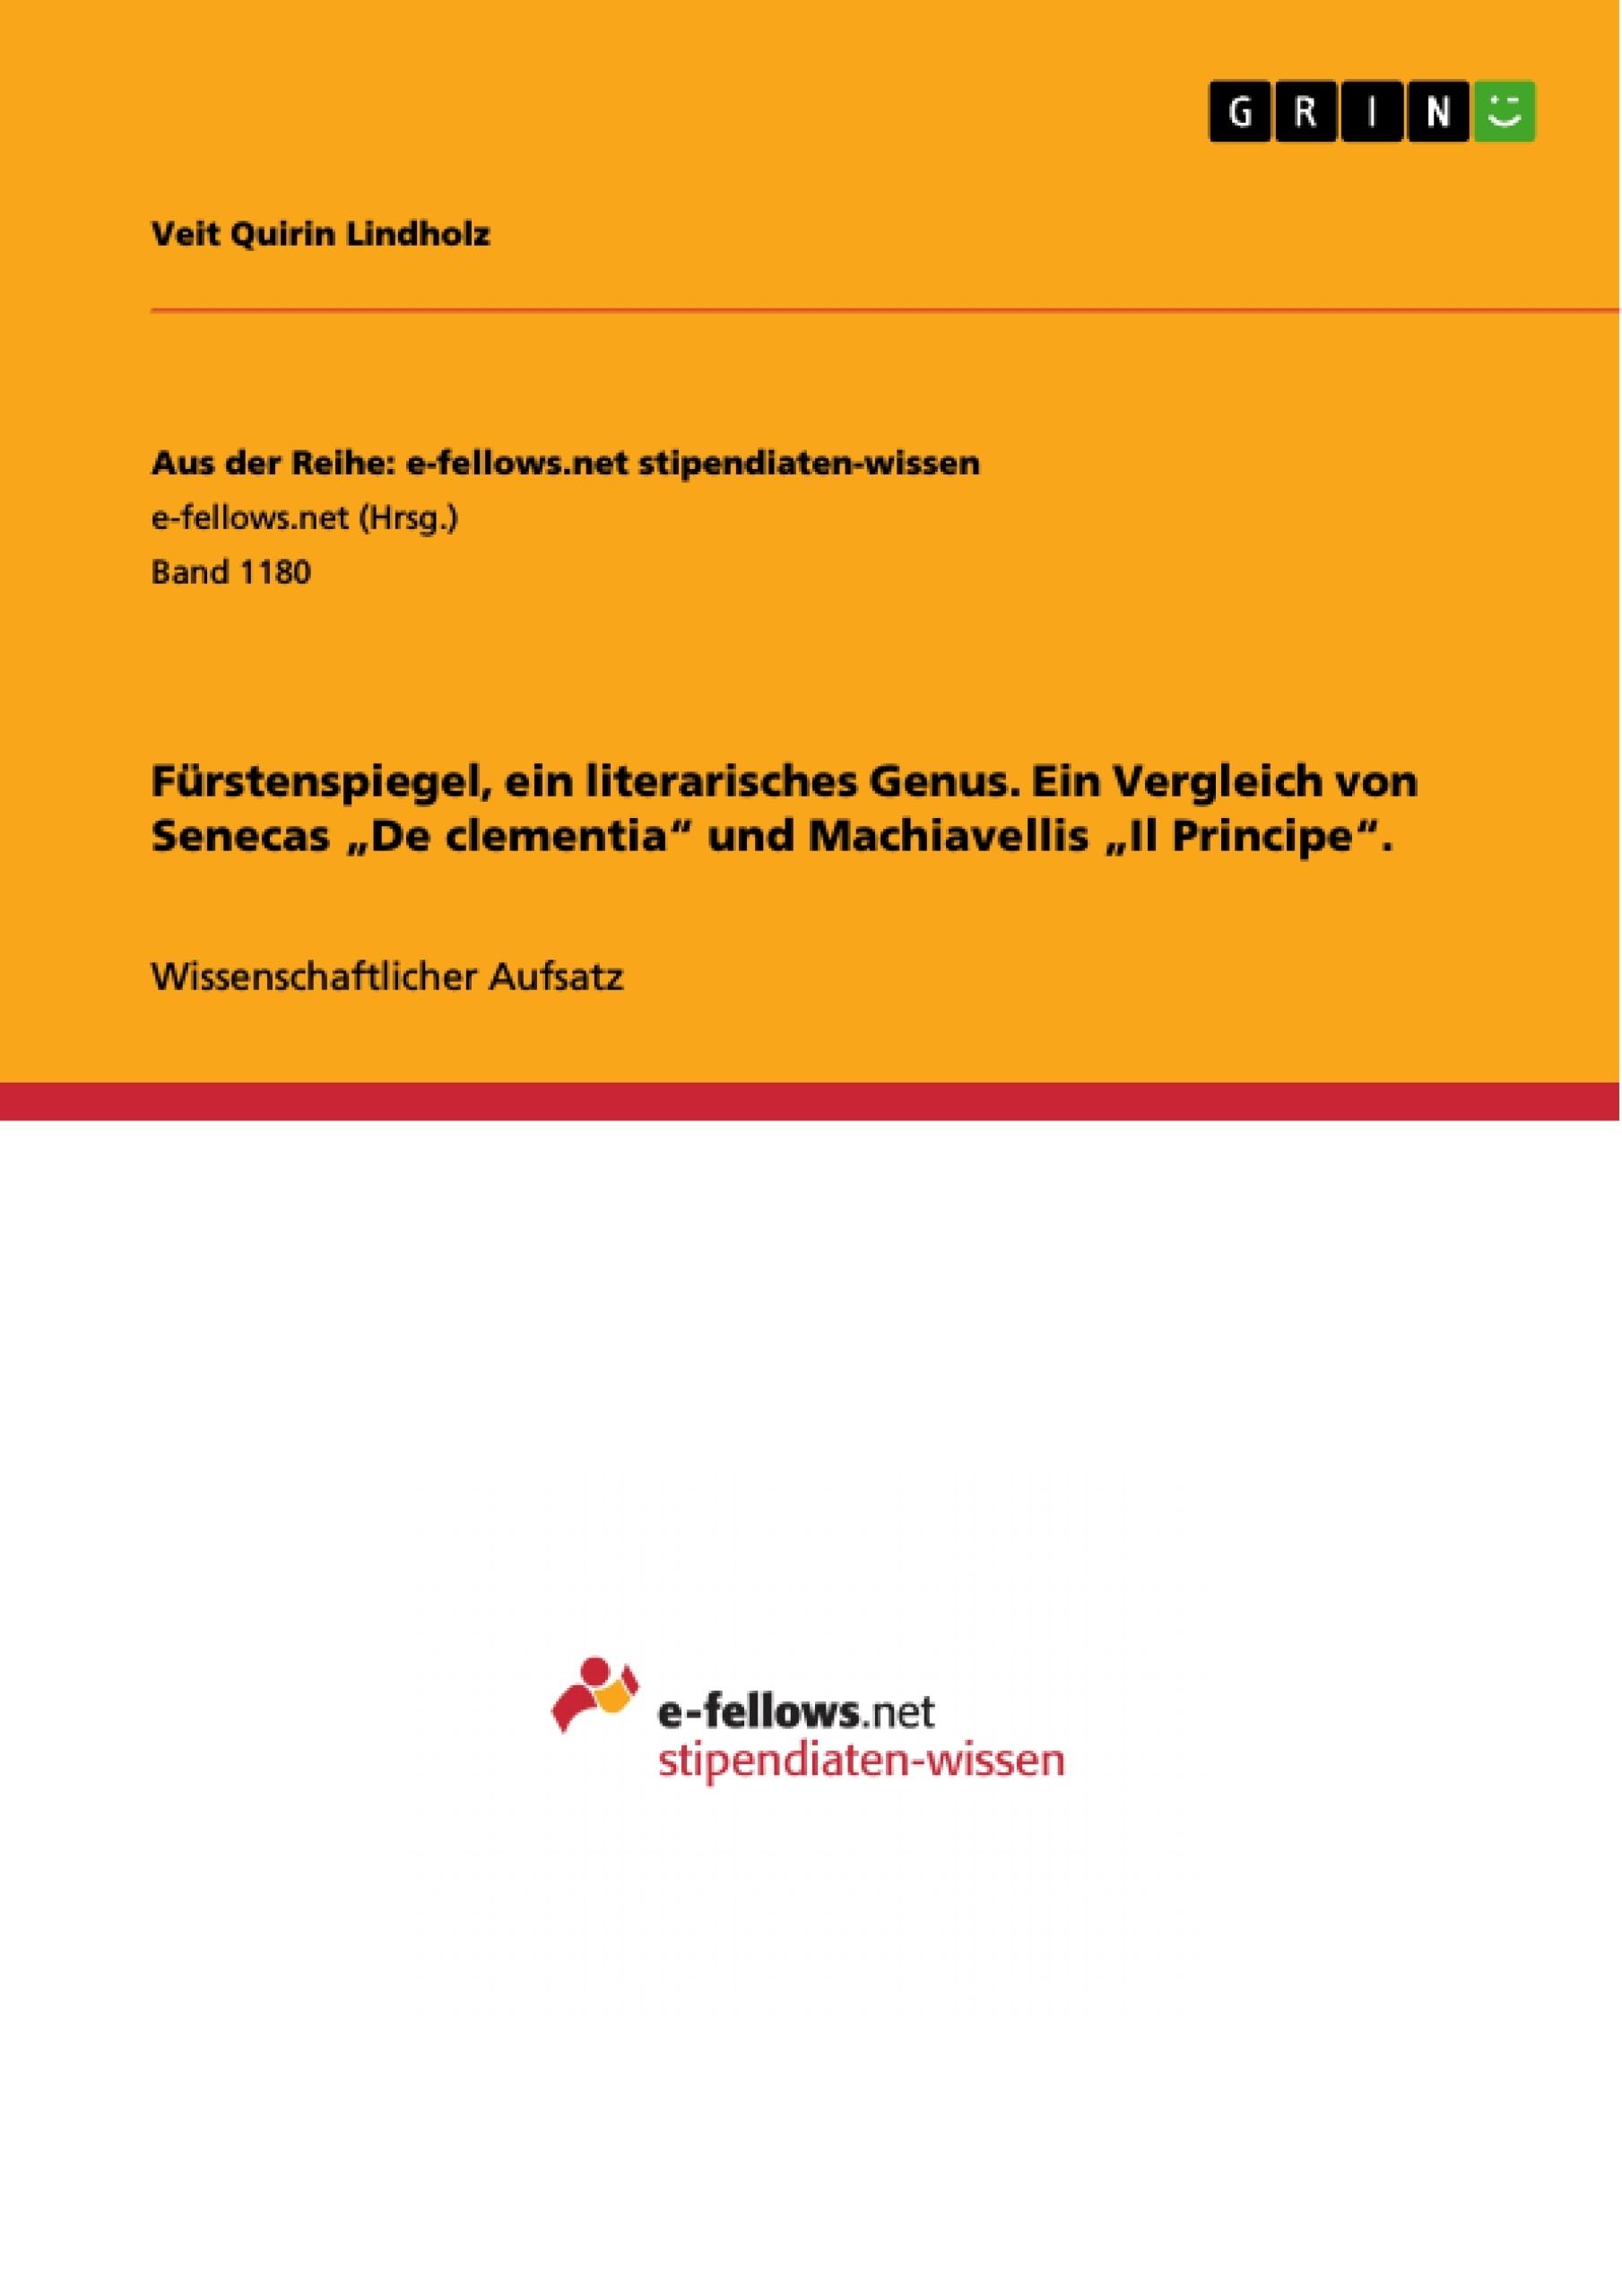 """Titel: Fürstenspiegel, ein literarisches Genus. Ein Vergleich von Senecas """"De clementia"""" und Machiavellis """"Il Principe""""."""